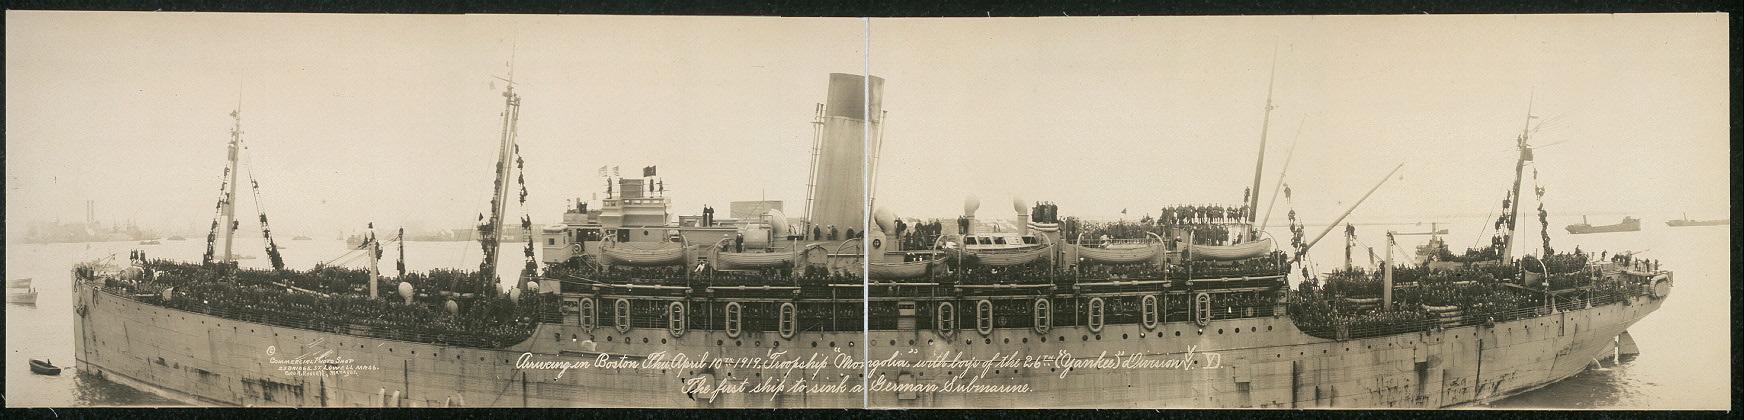 Primer barco que hundió un submarino alemán